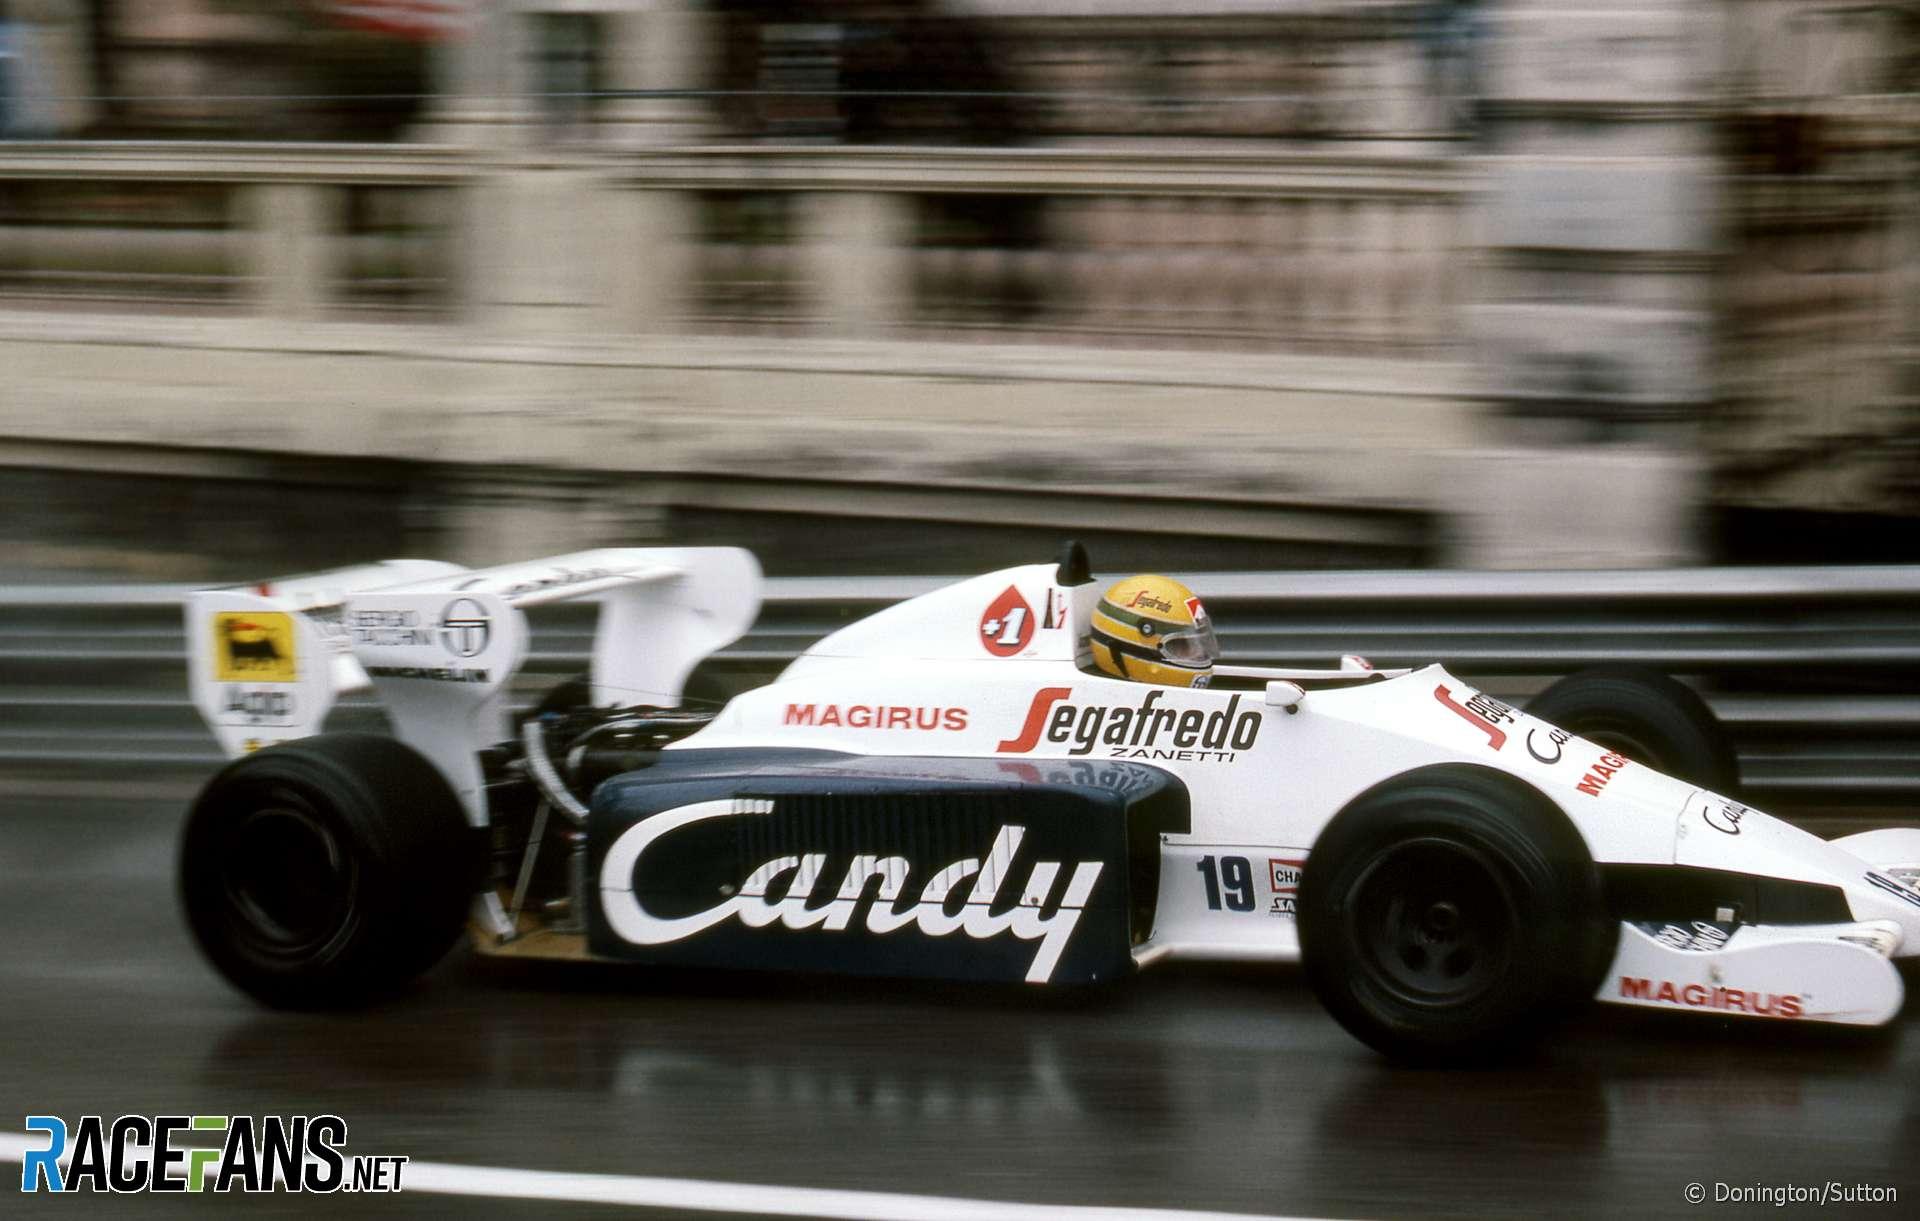 Ayrton Senna, Toleman, Monaco Grand Prix, Monte-Carlo, 1984